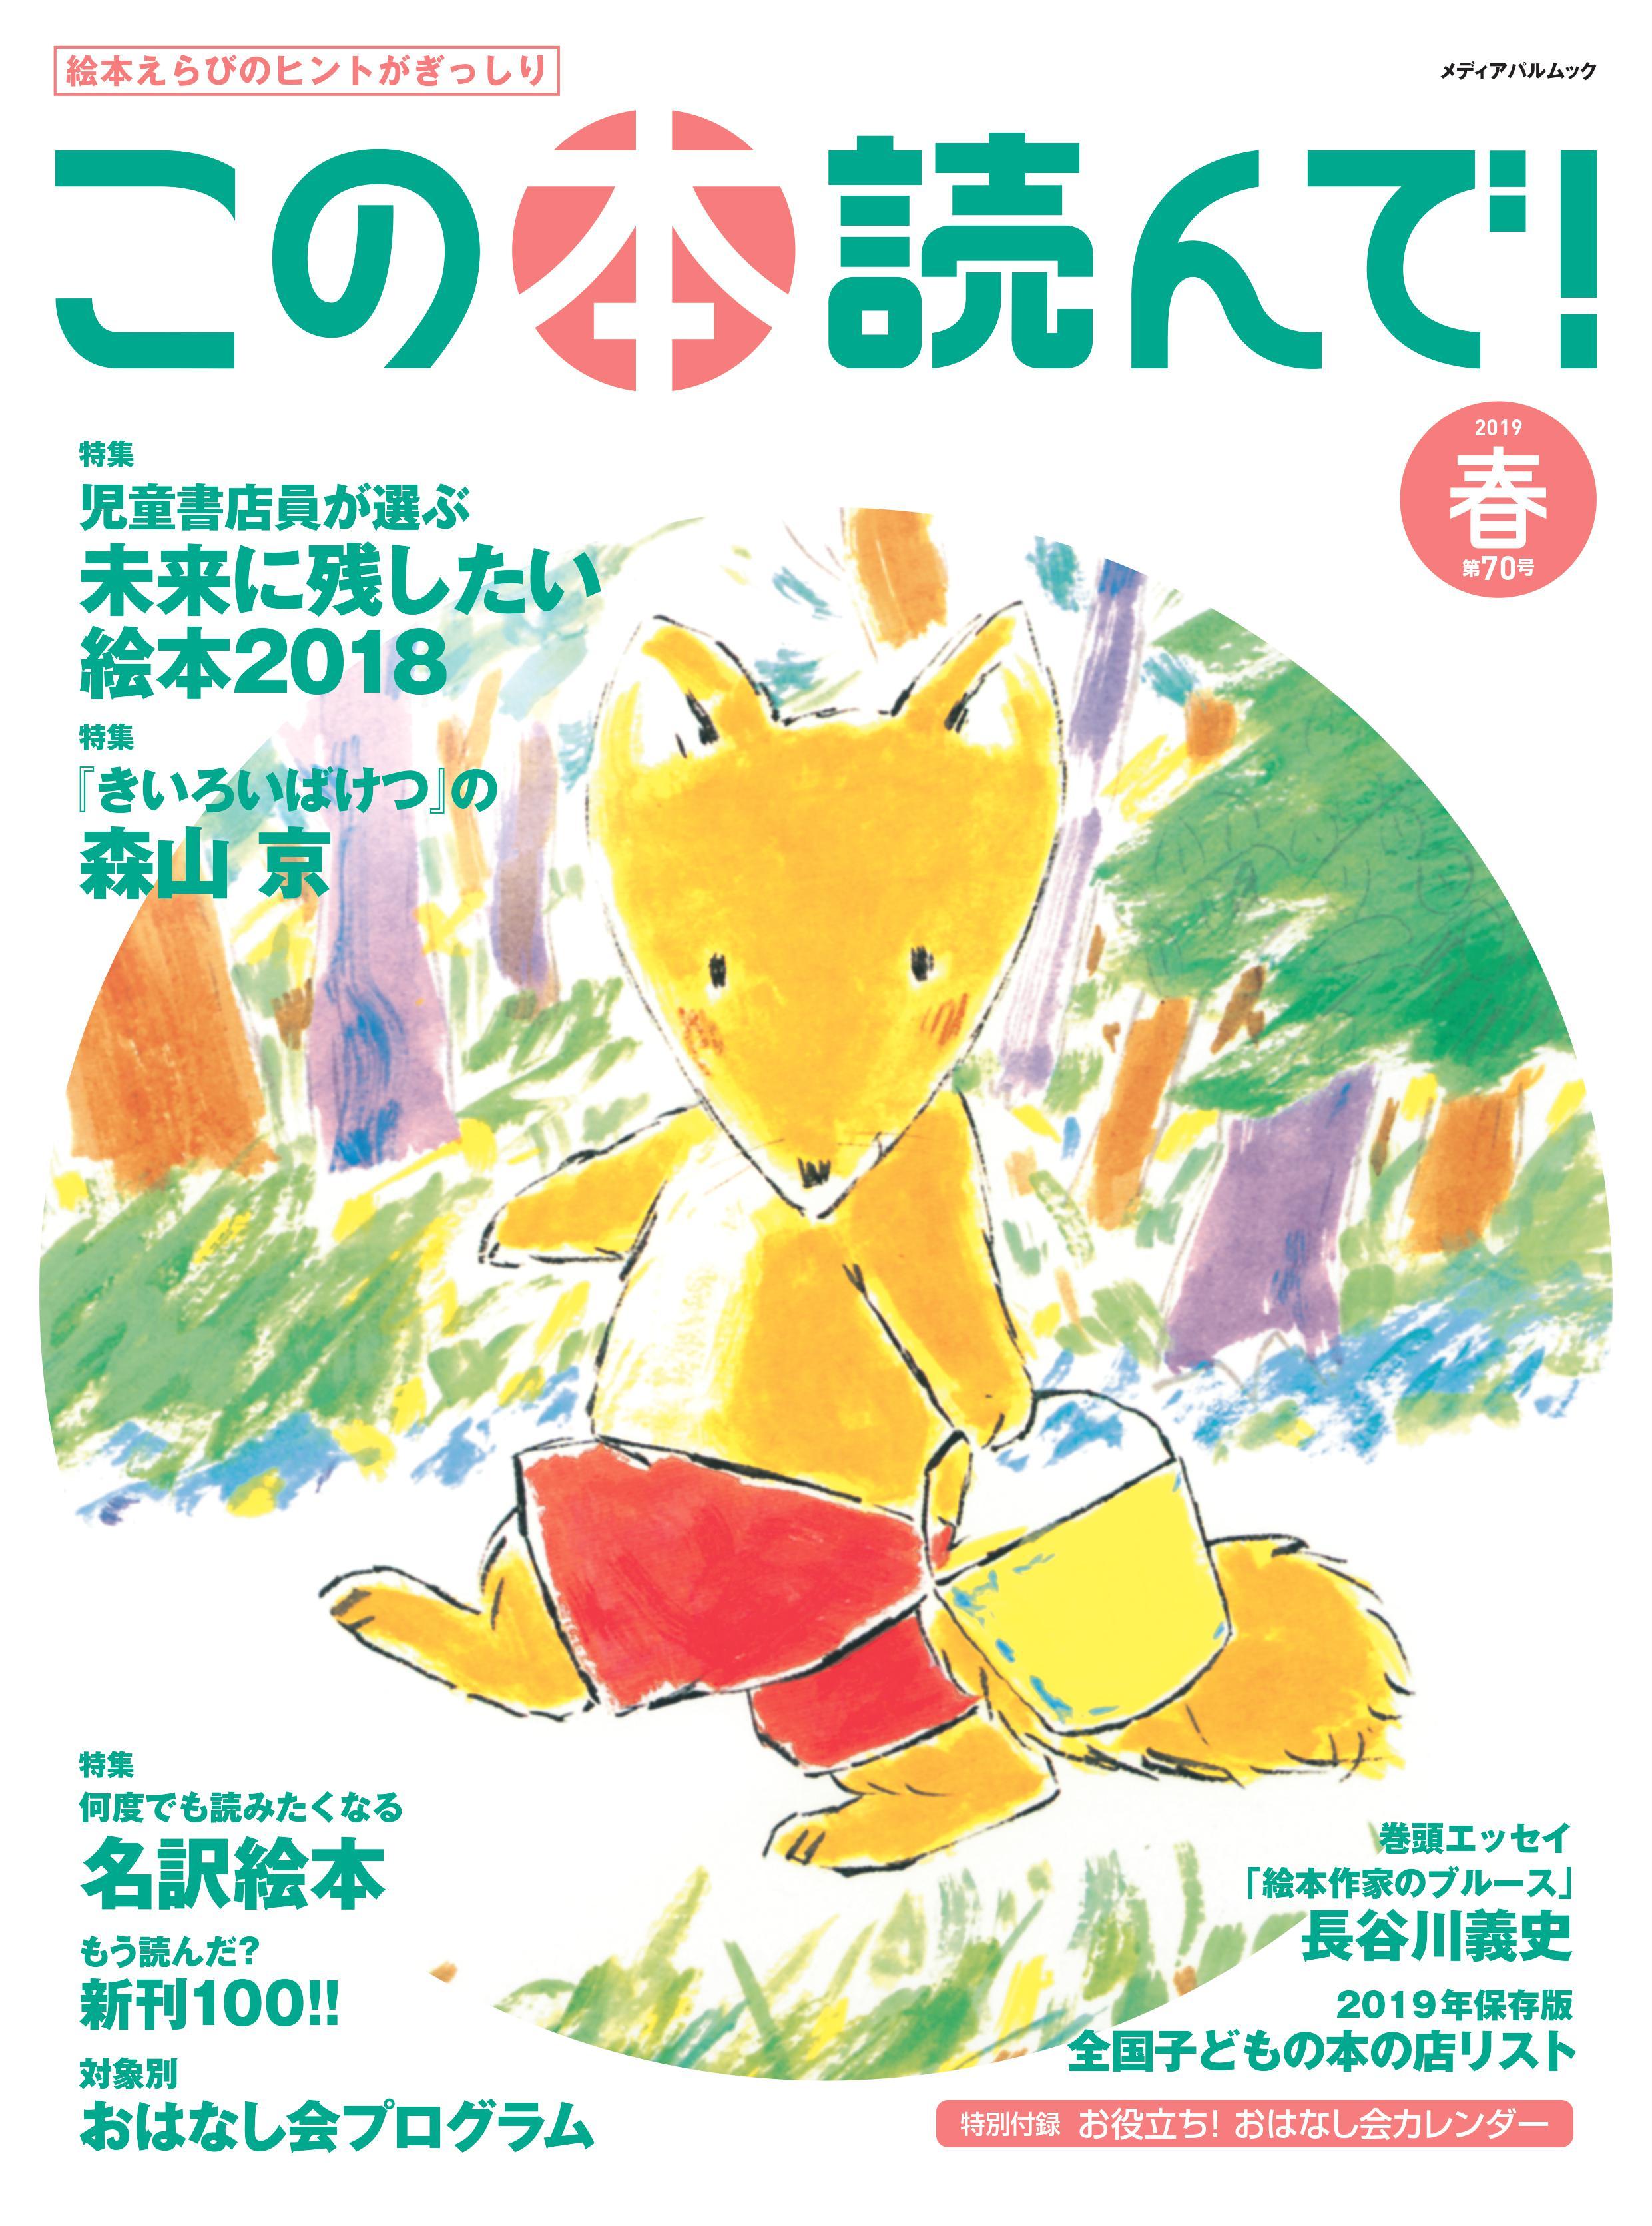 konohon_70.jpg